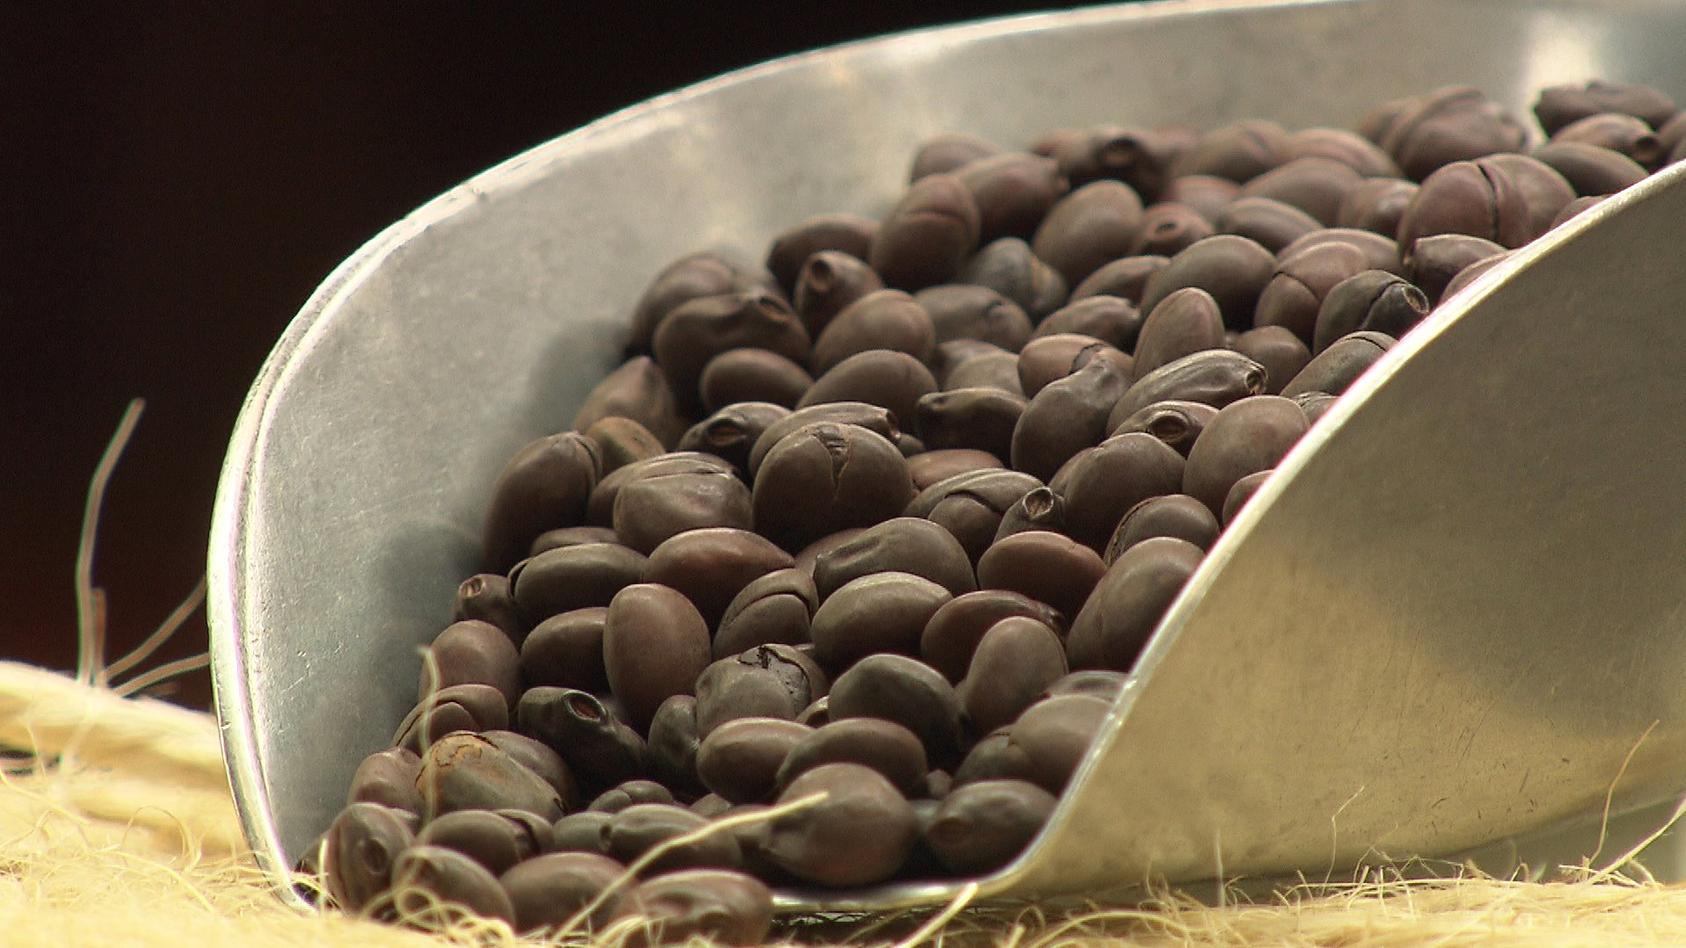 gerostete-lupinen-sehen-fast-so-aus-wie-normale-kaffeebohnen-der-unterschied-bei-lupinen-wird-die-haut-mitgerostet